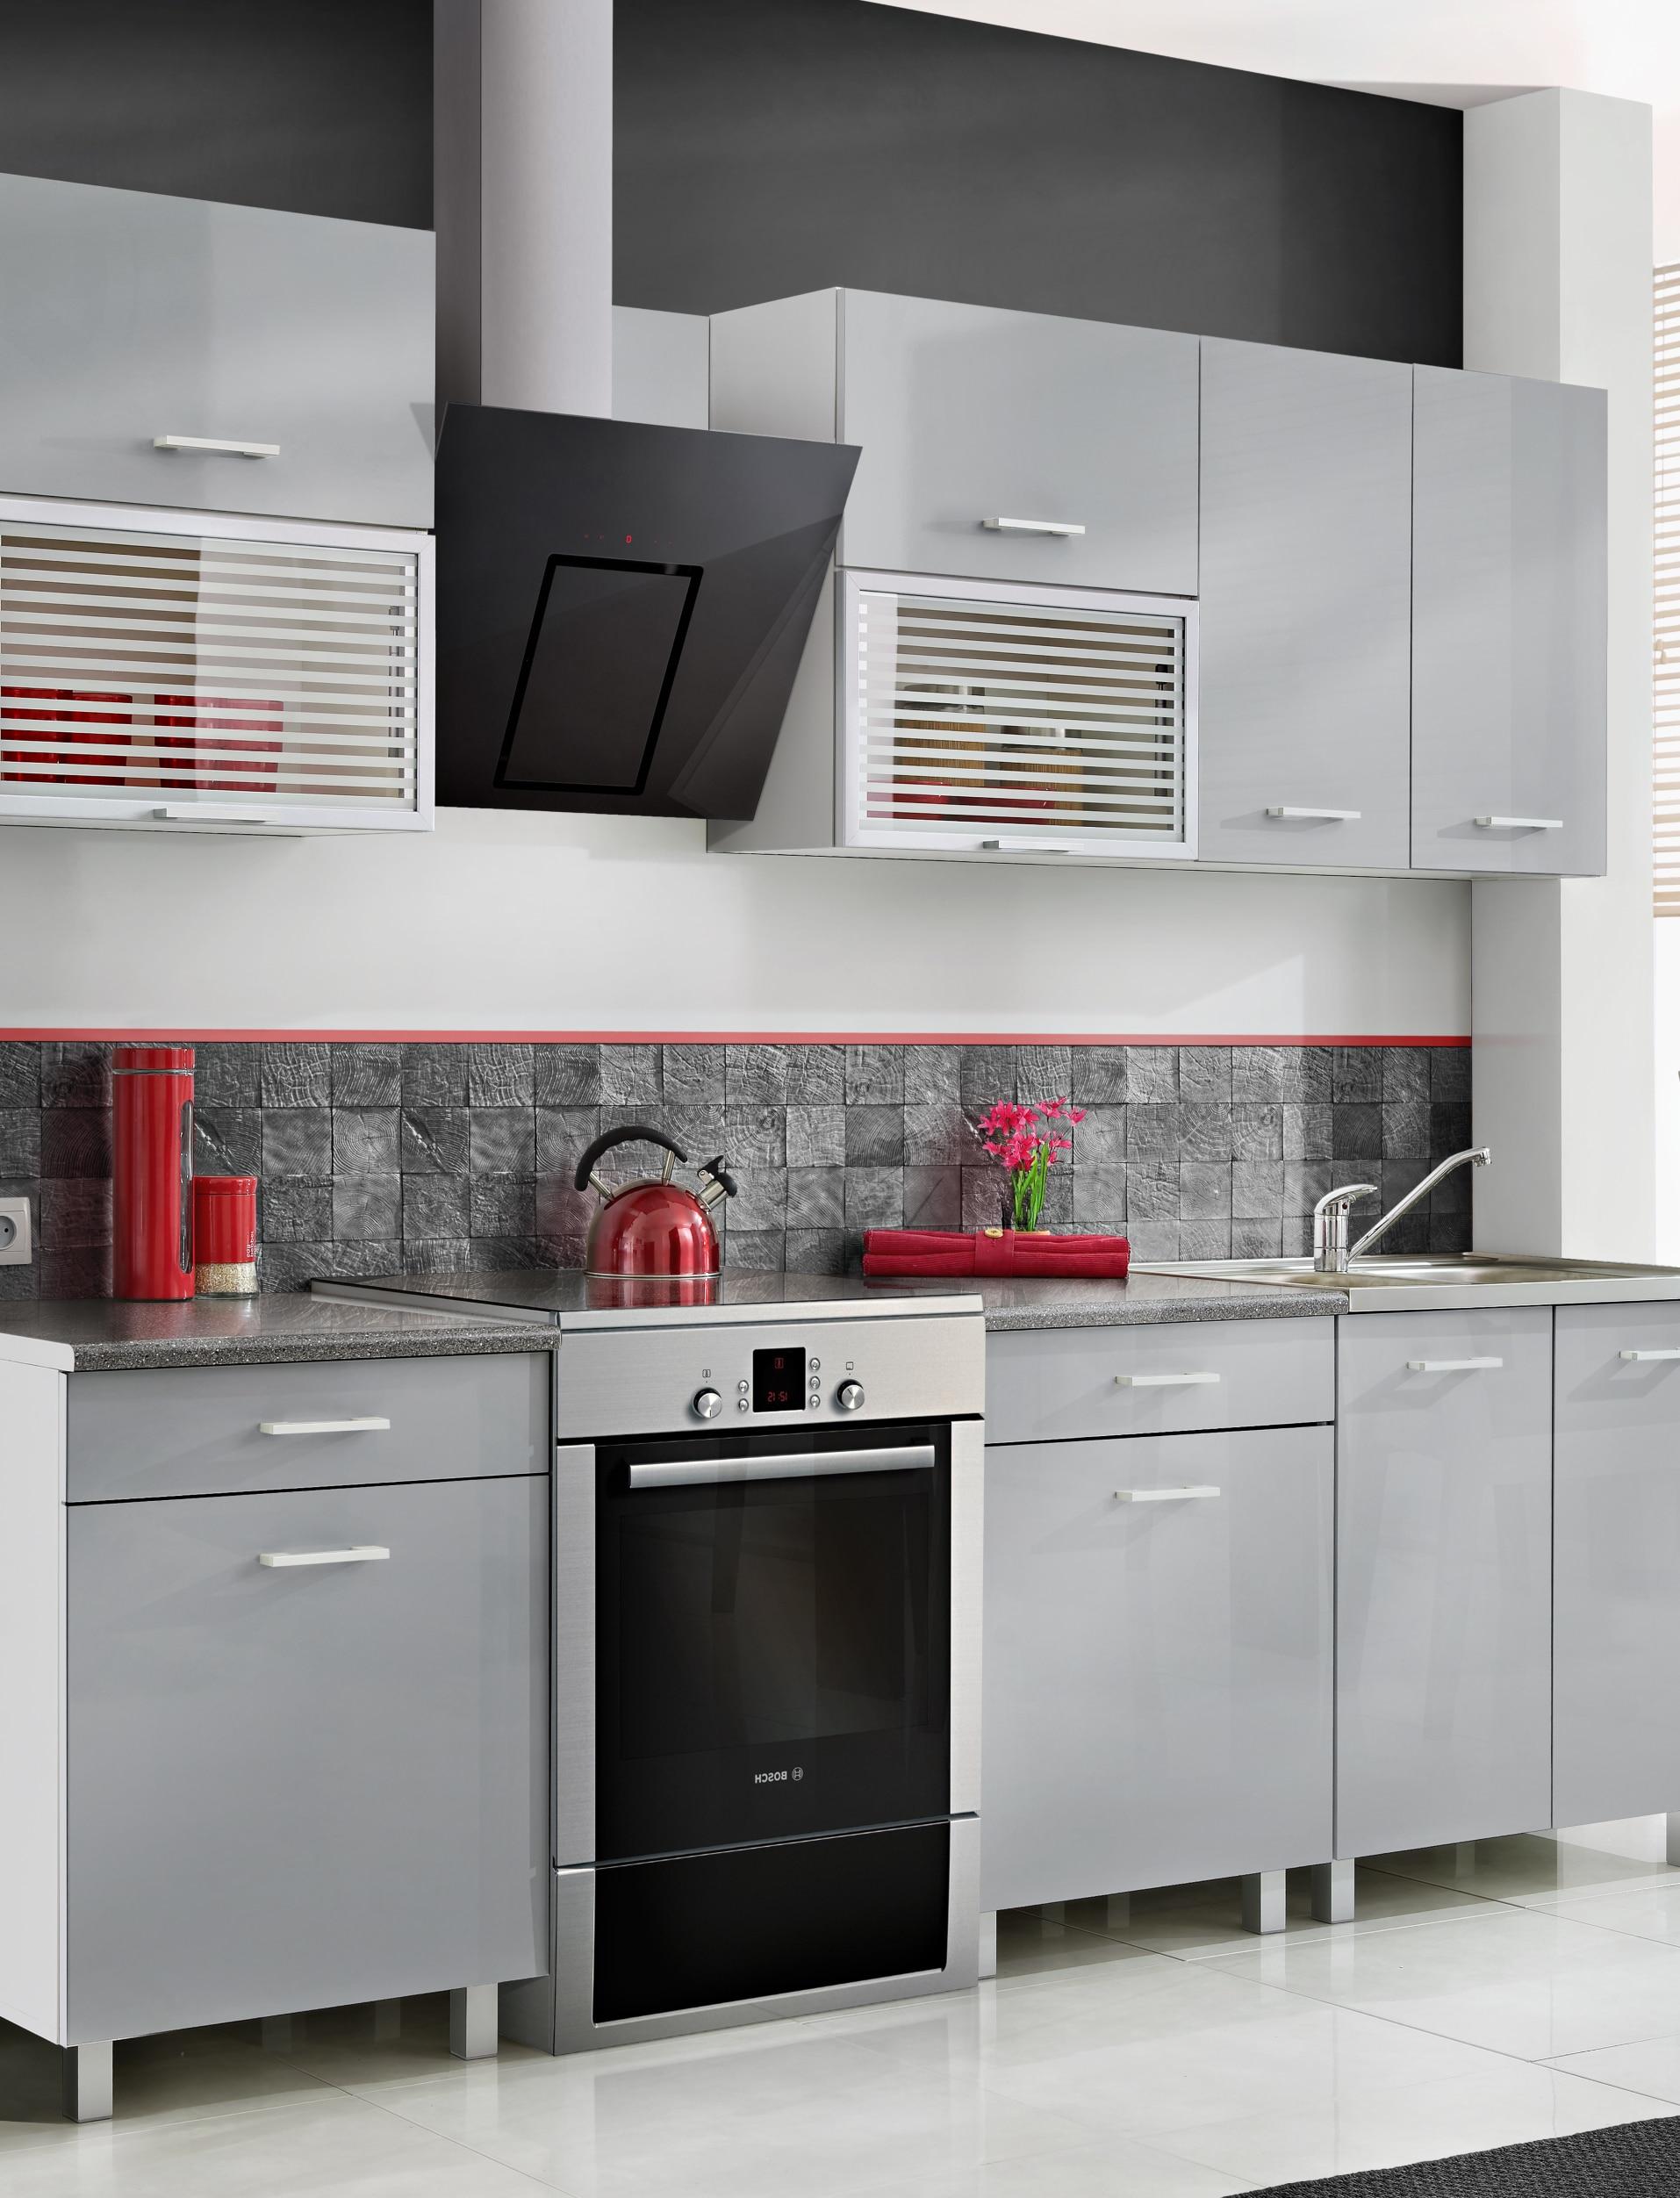 Jak tanio wyposażyć kuchnię funkcjonalnie i estetycznie